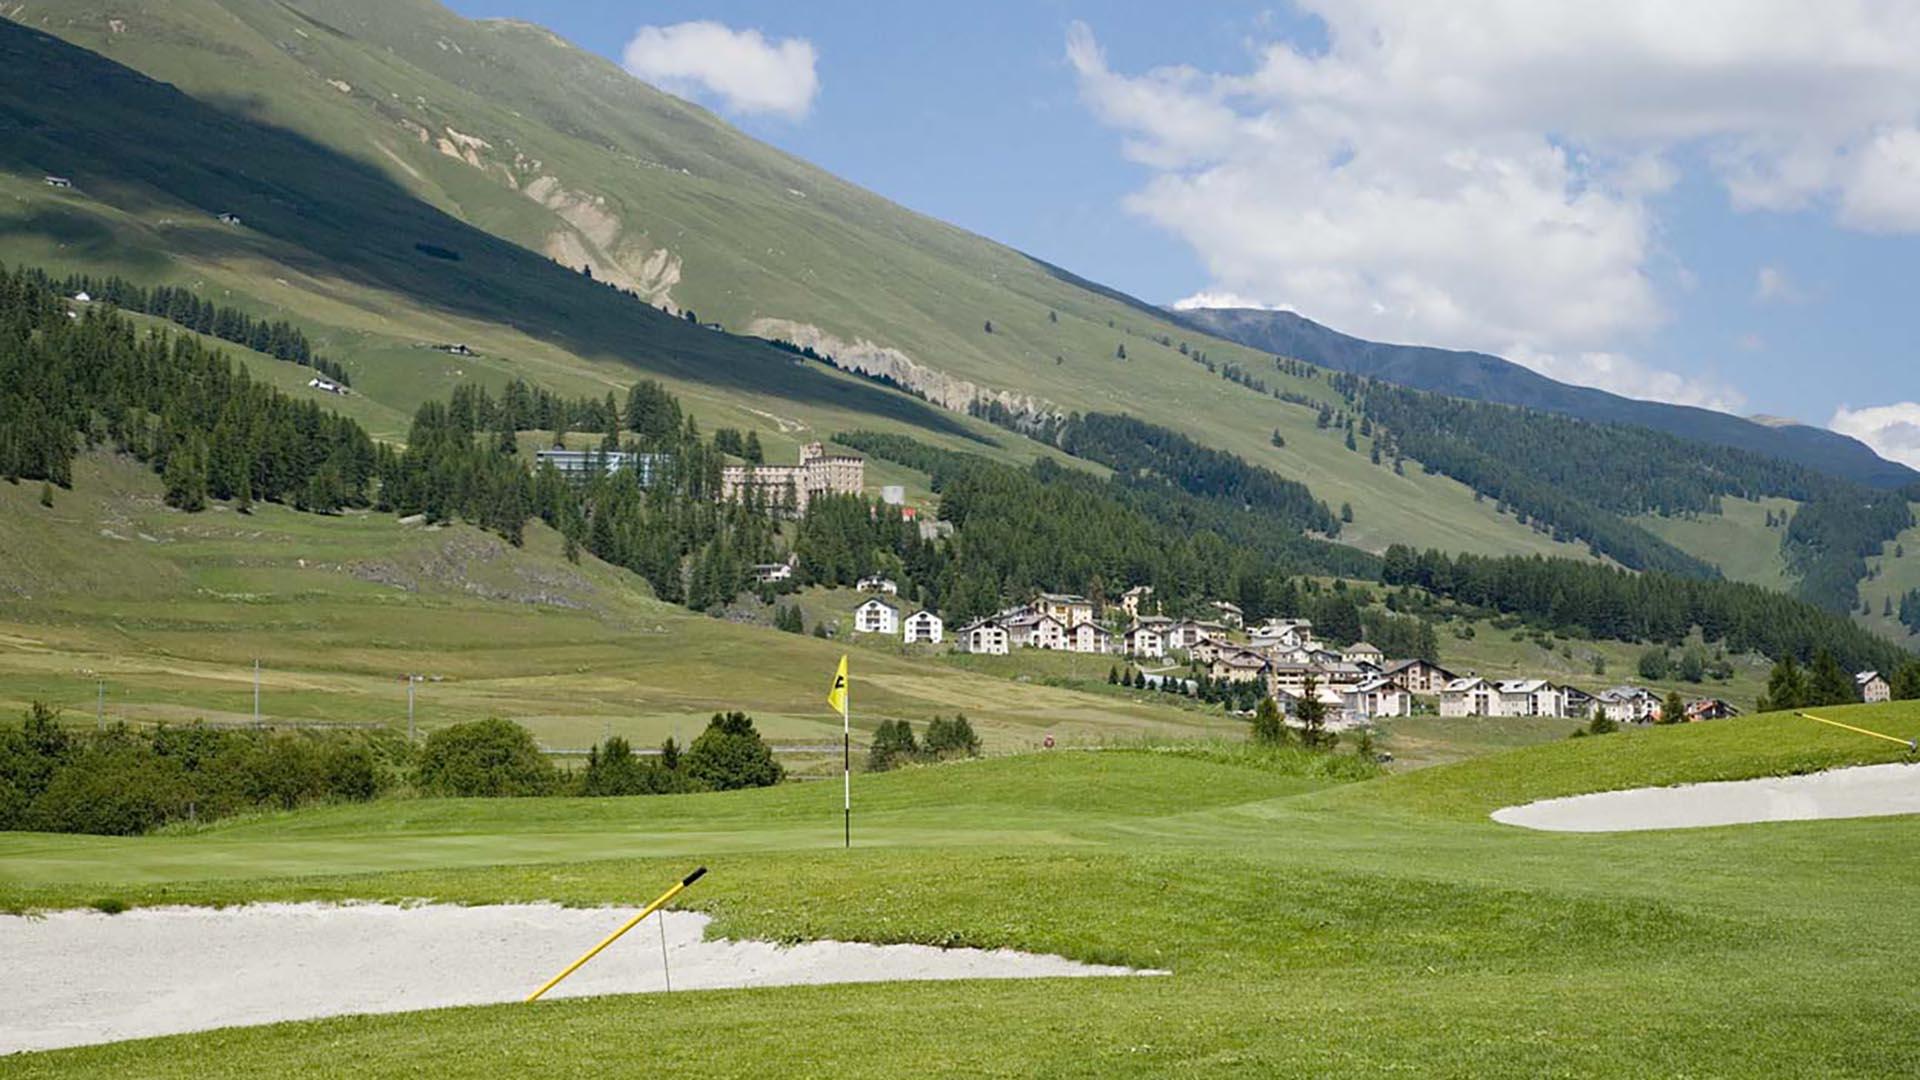 Golfplatz im Sommer. Golf spielen im Engadin